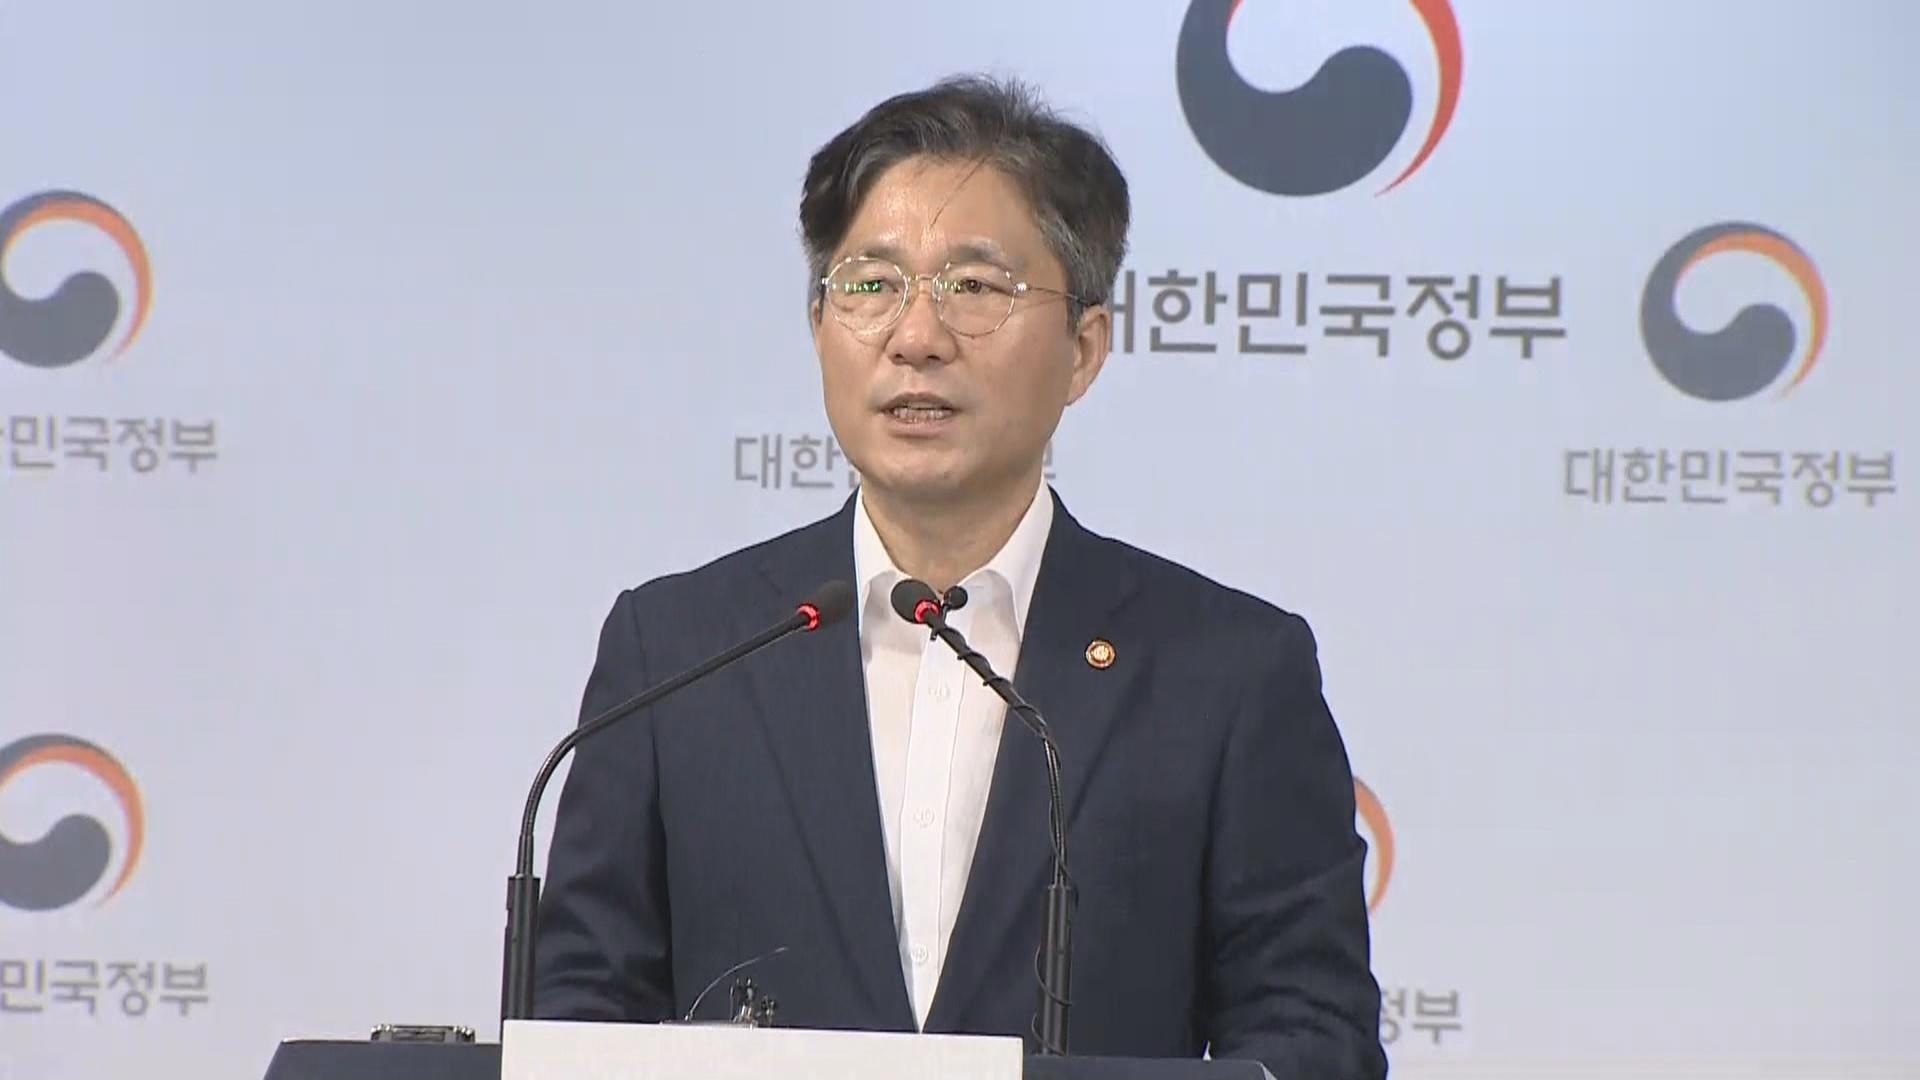 [현장연결] 정부, 日 …